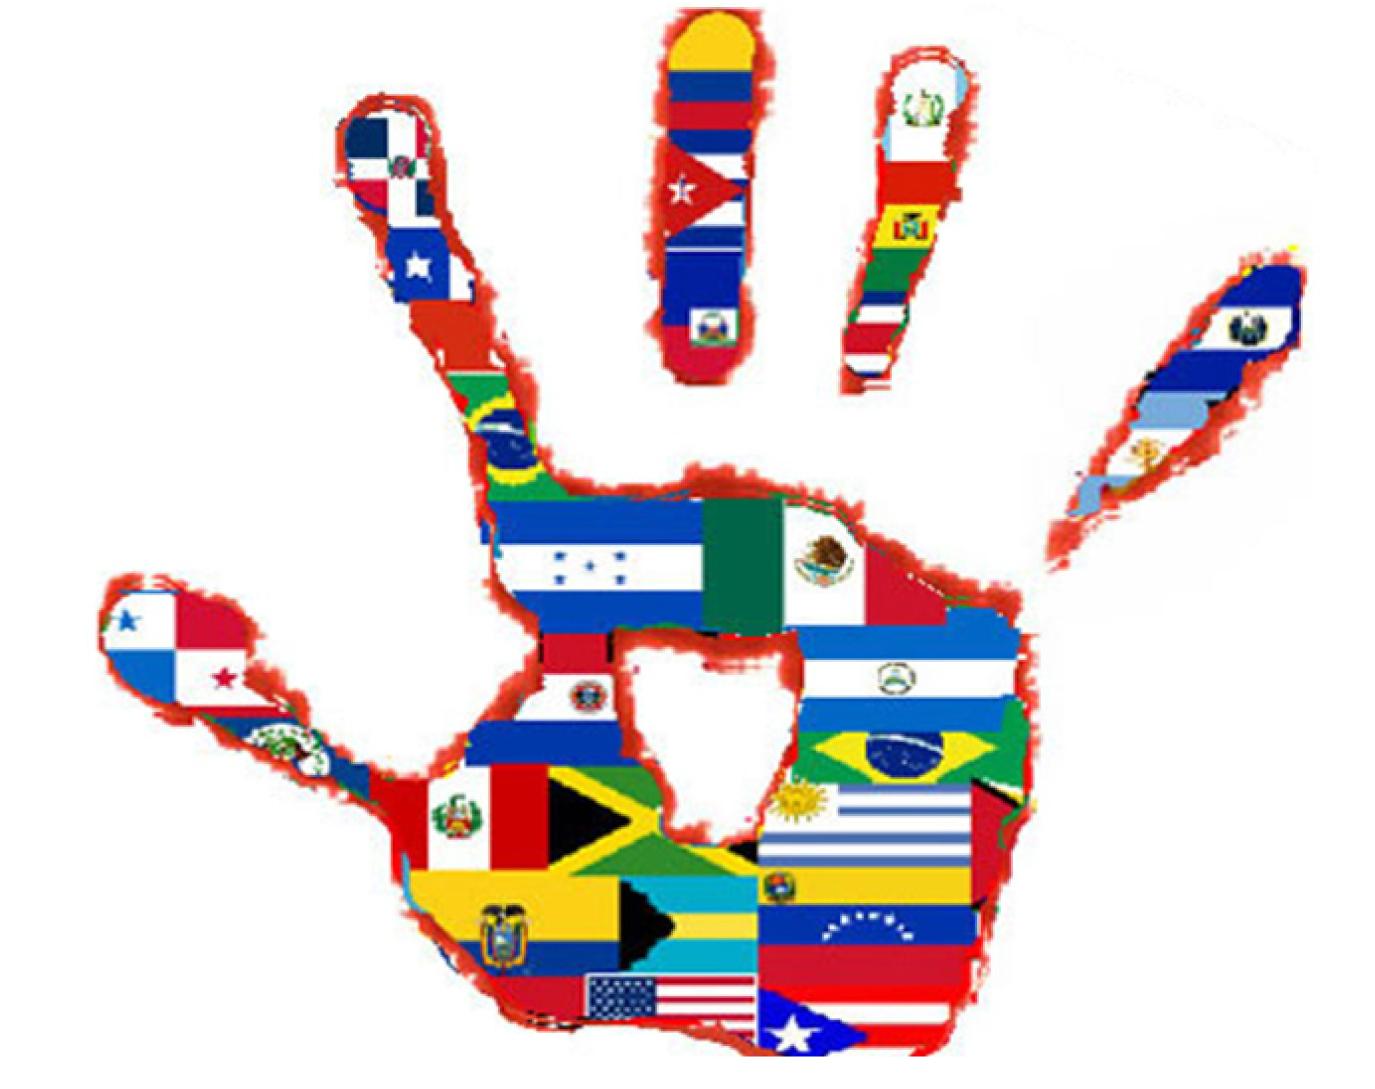 Resultado de imagen para integracion financiera latinoamericana